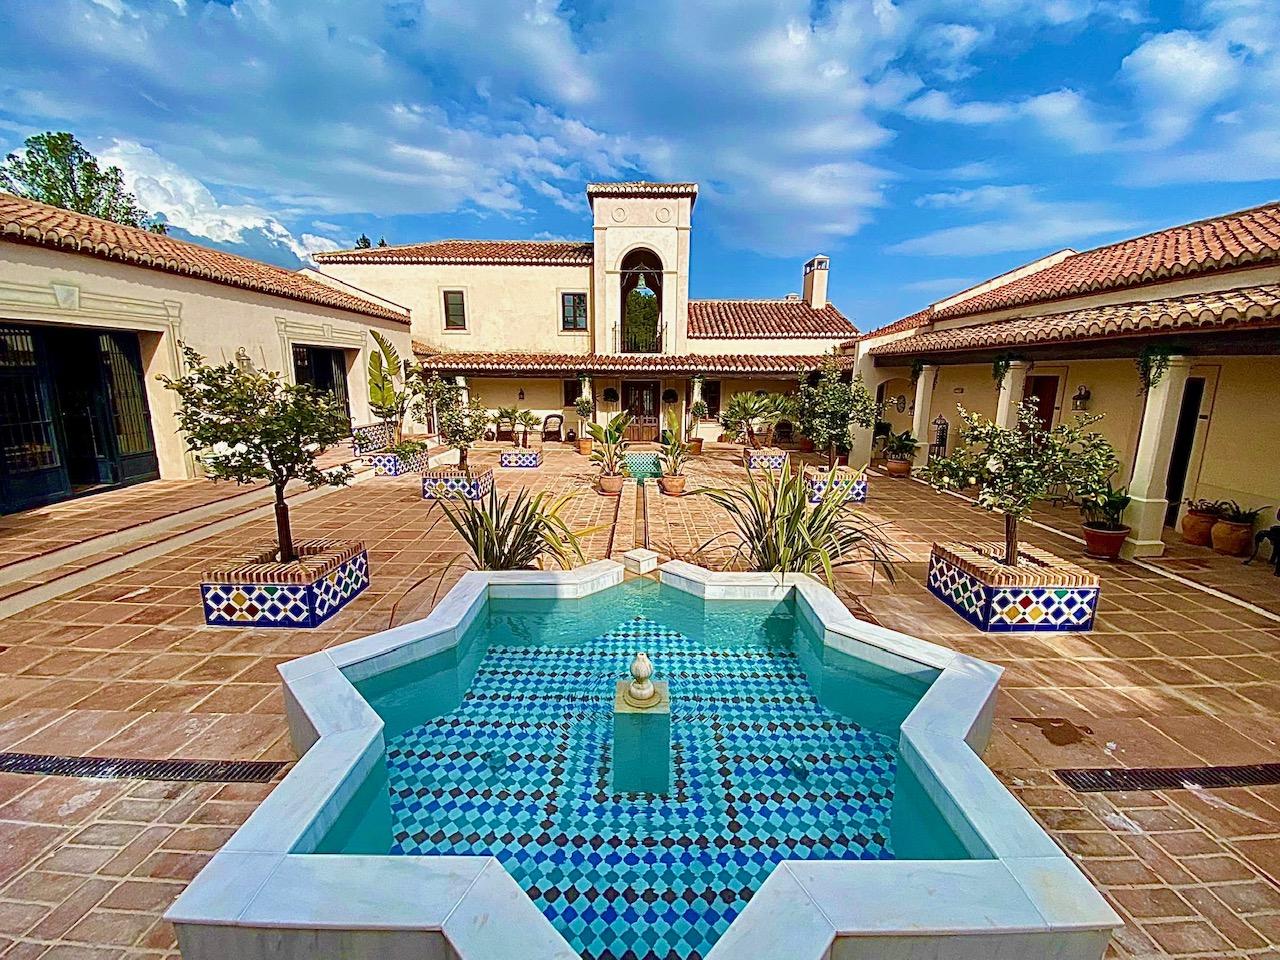 Hacienda La Esperanza Granada is the best hotel in Granada